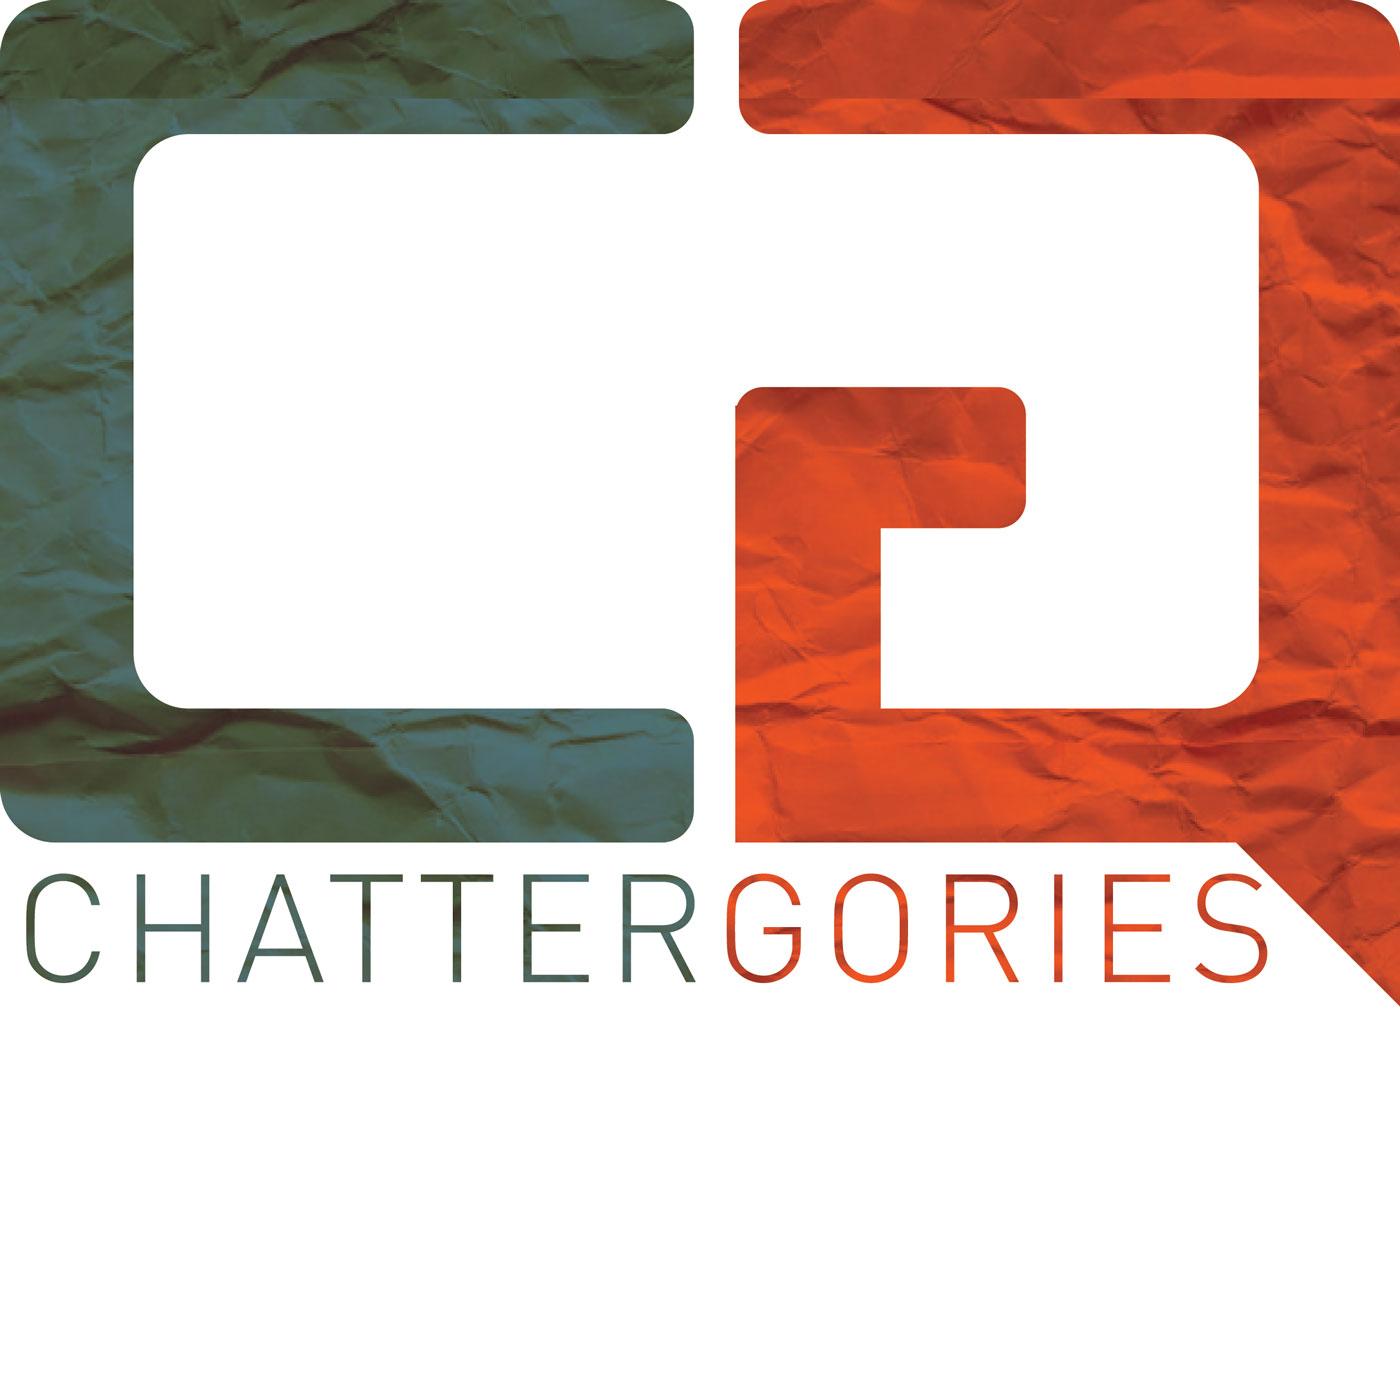 Chattergories